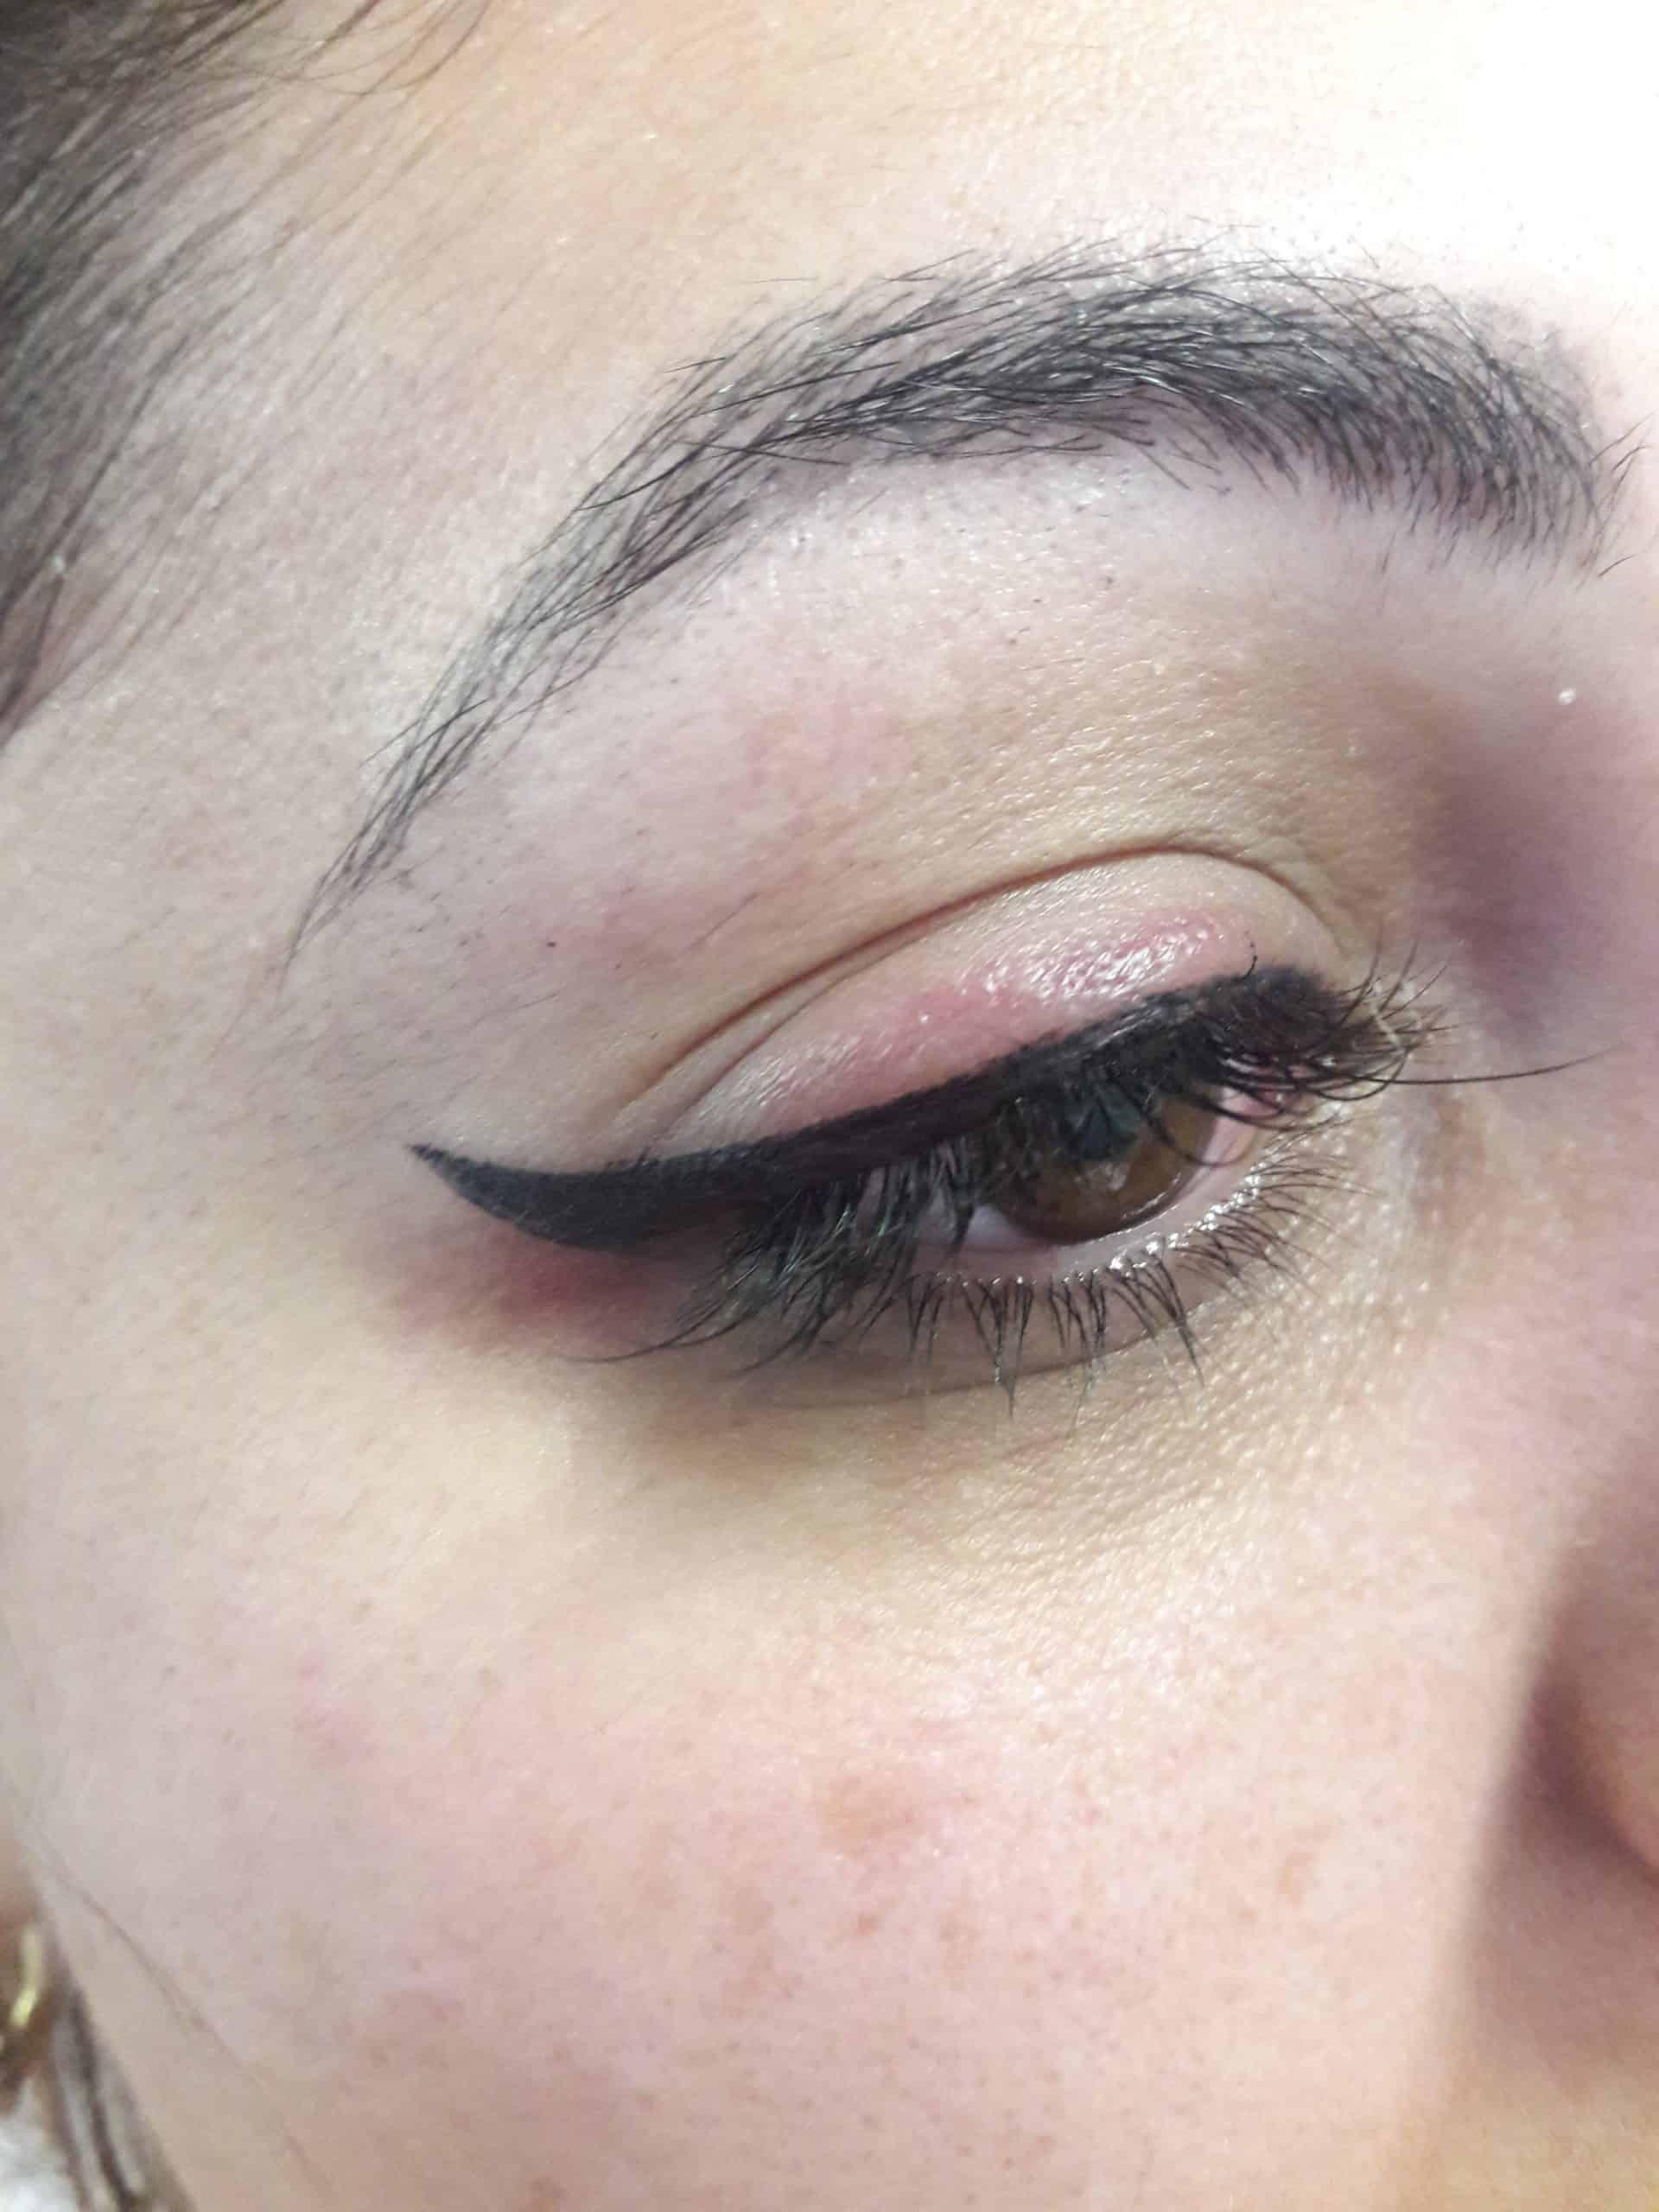 איפור קבוע עיניים, לפני ואחרי